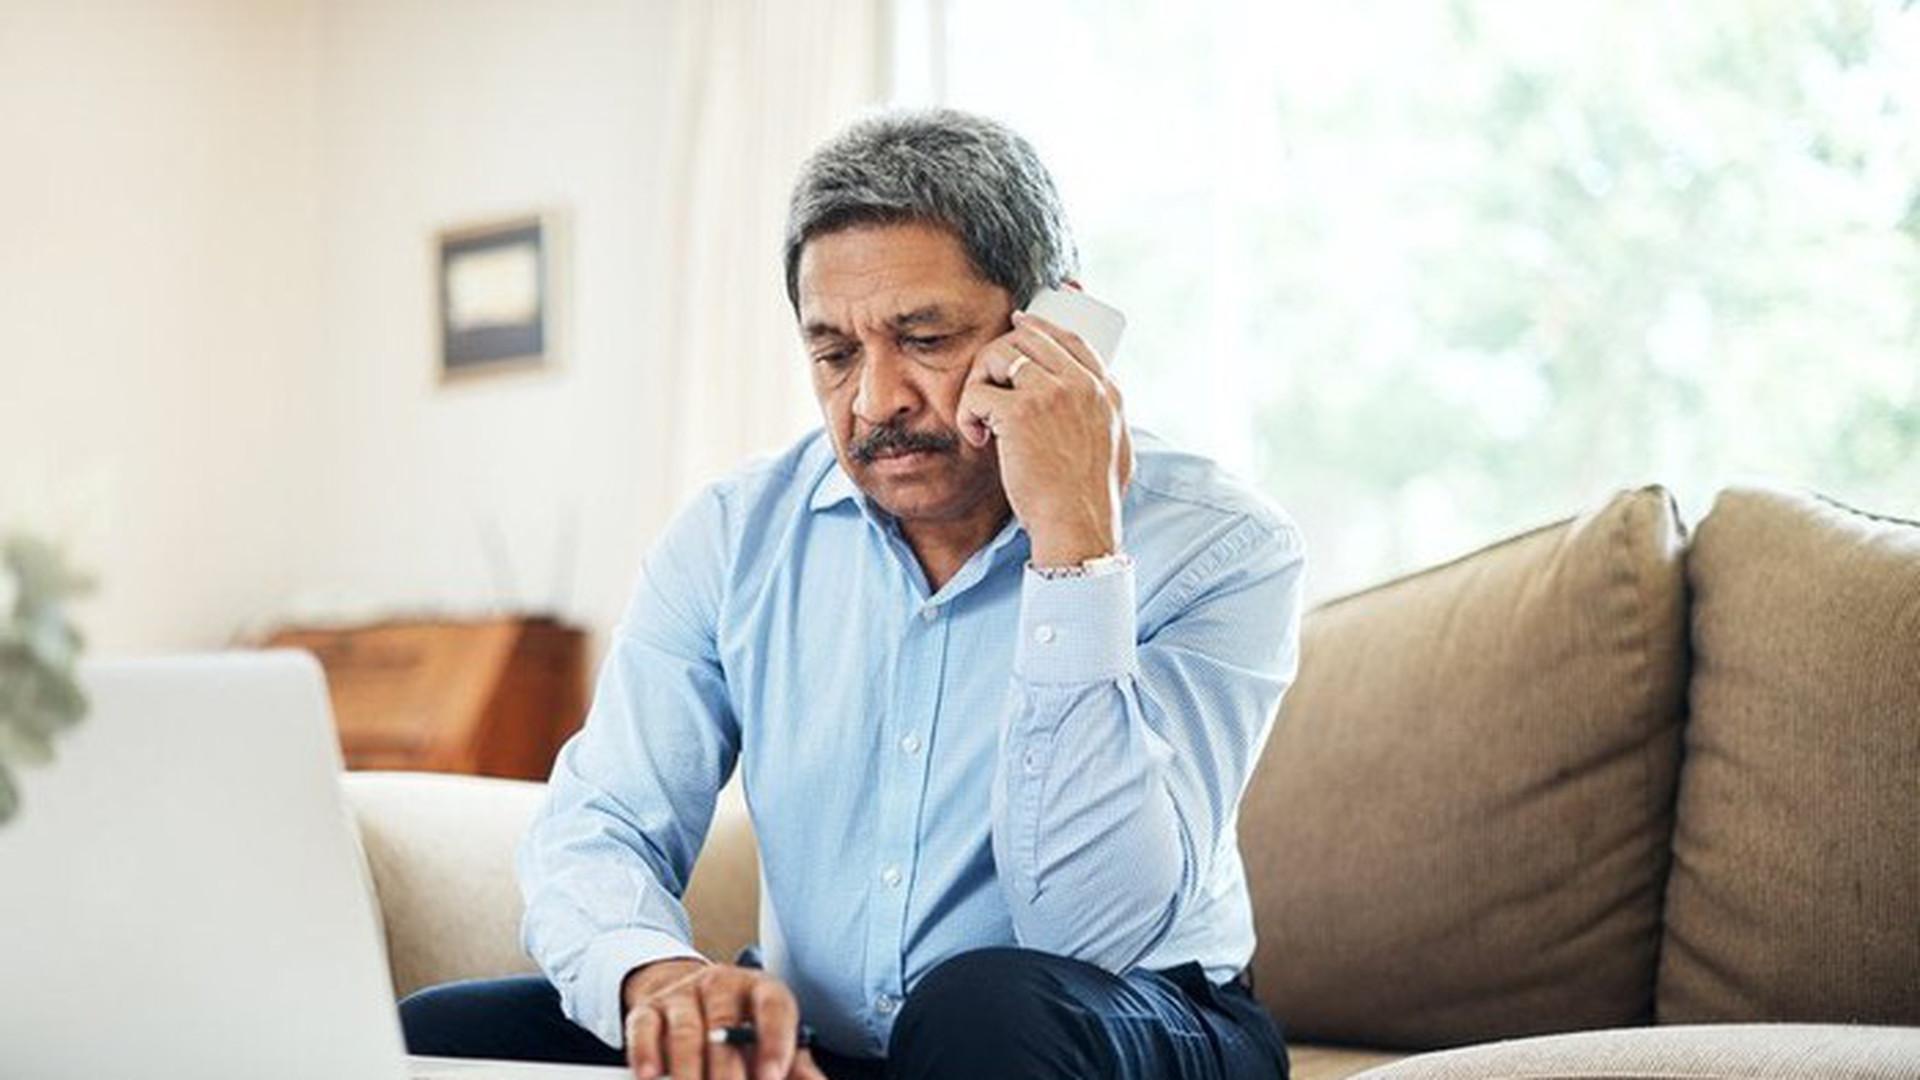 Hispanic man on phone.jpg